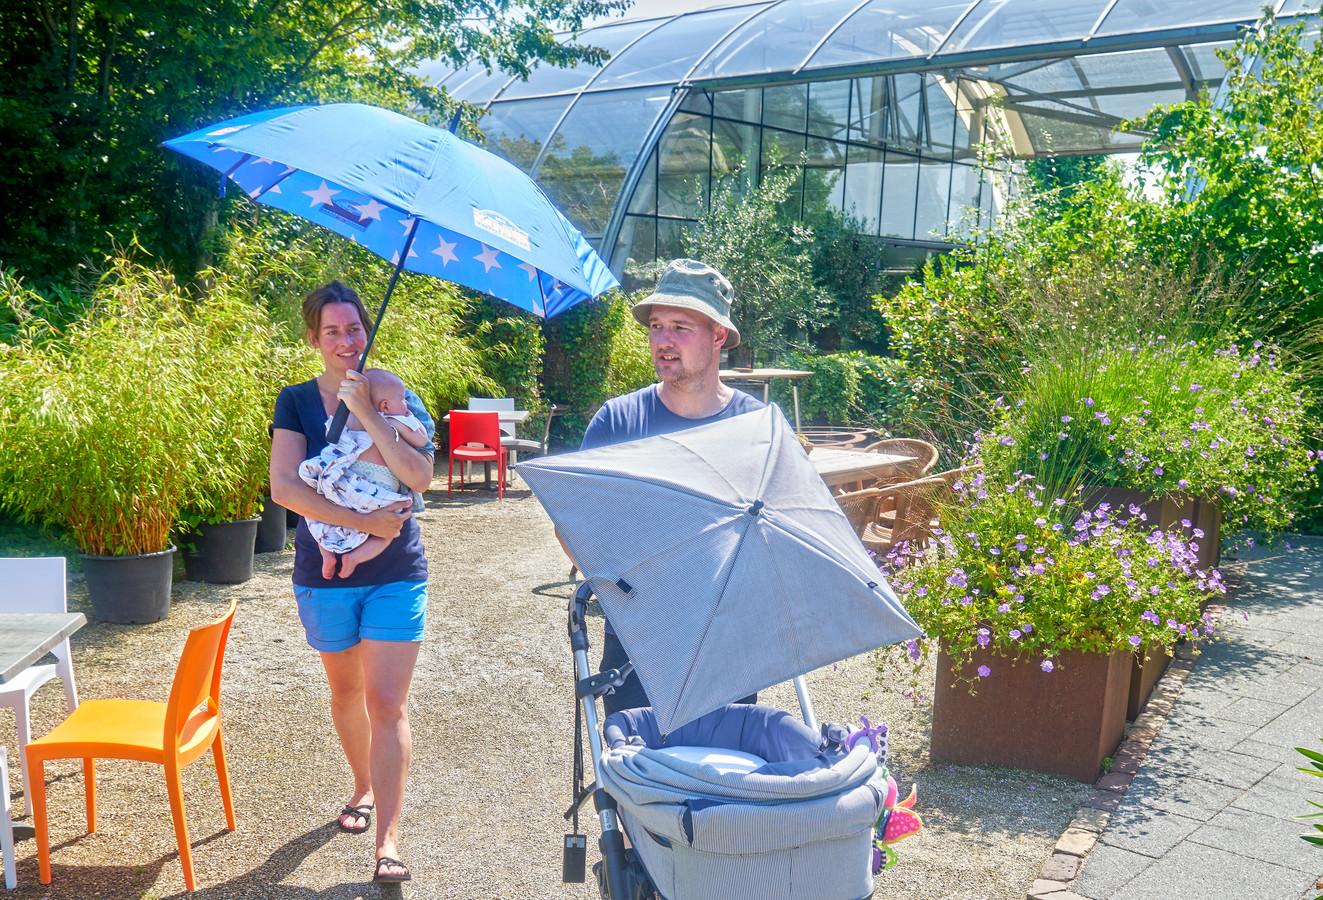 Davy, Lindie en Seph (baby) Fonteine op bezoek in De tuinen van Appeltern.